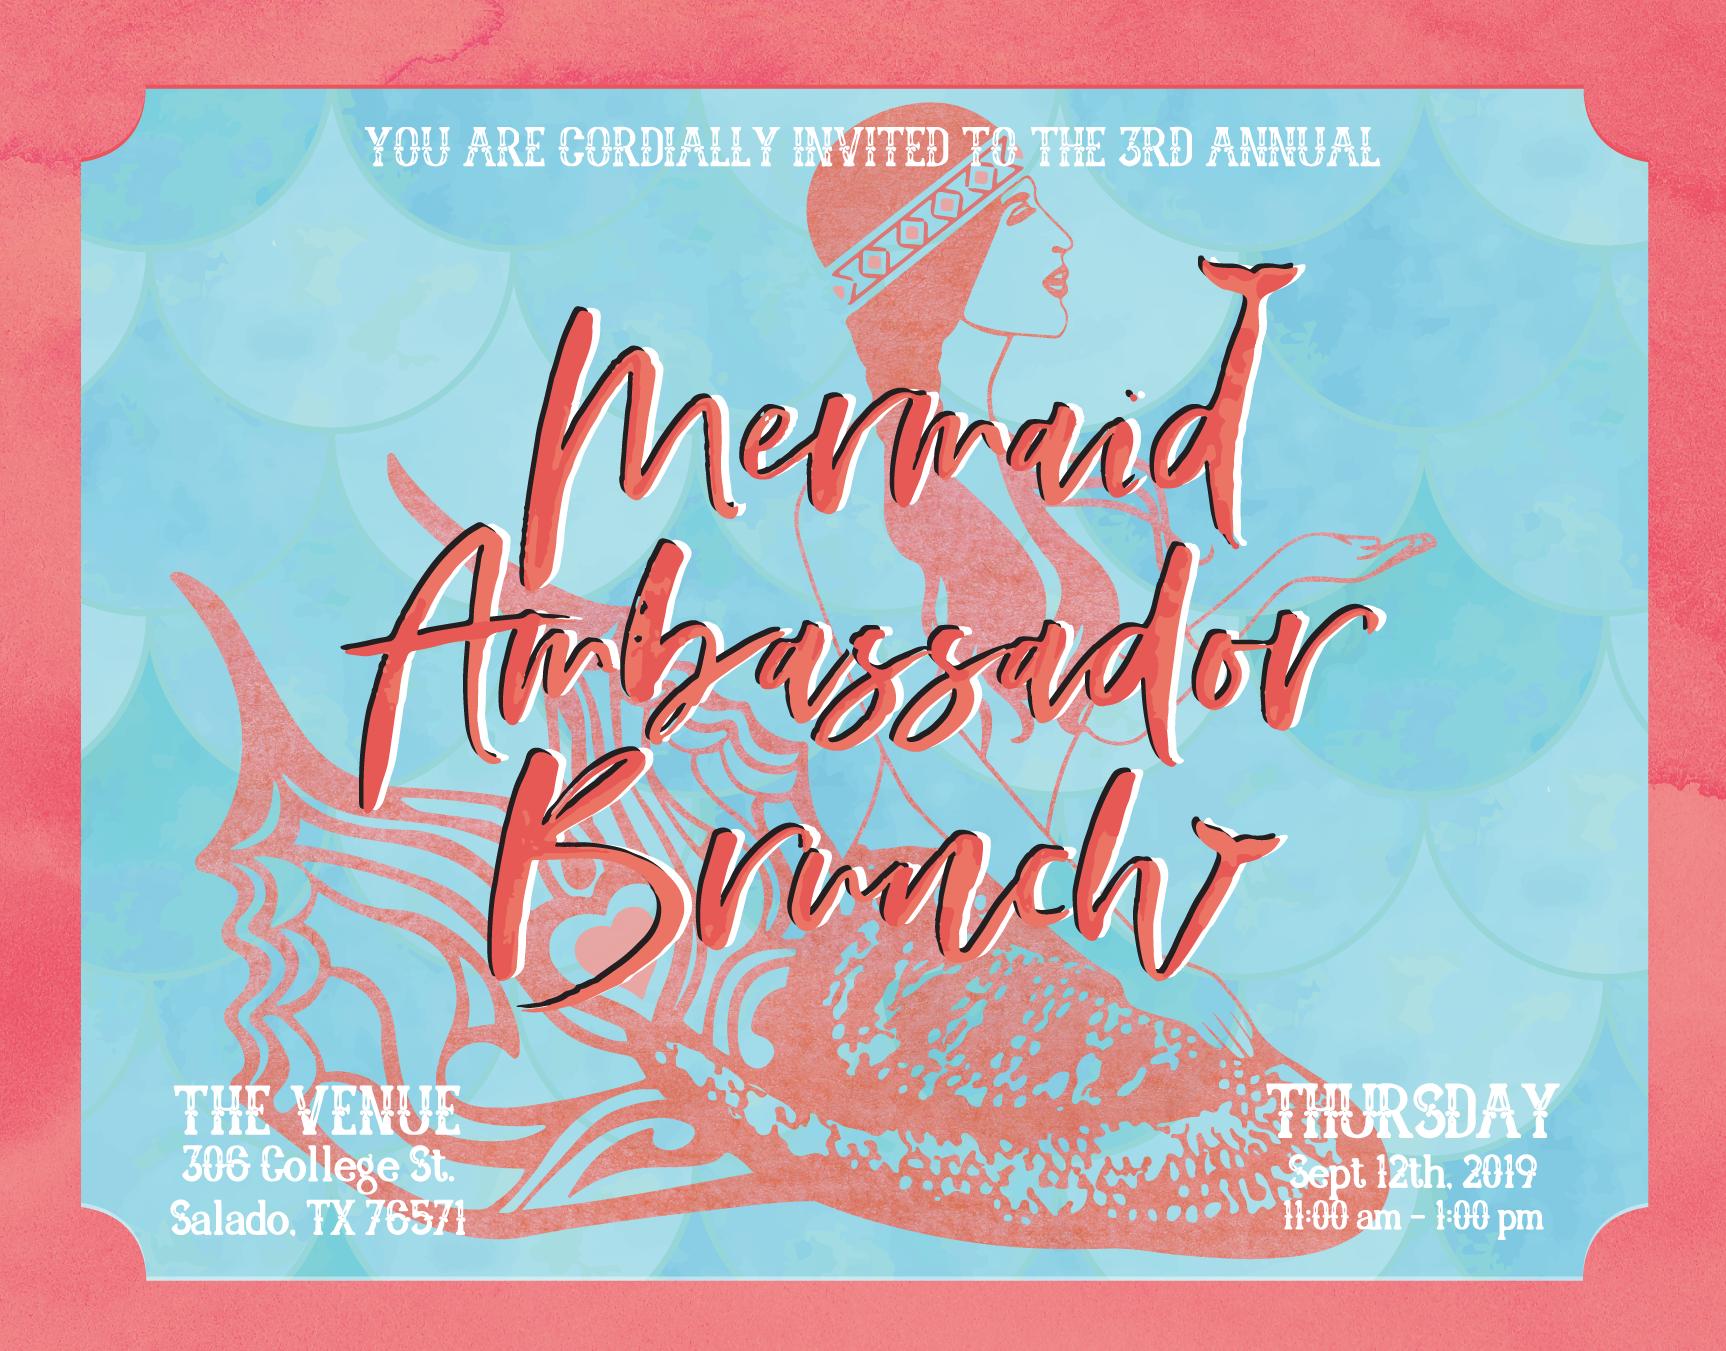 MermaidAmbassadorBrunch_Invite